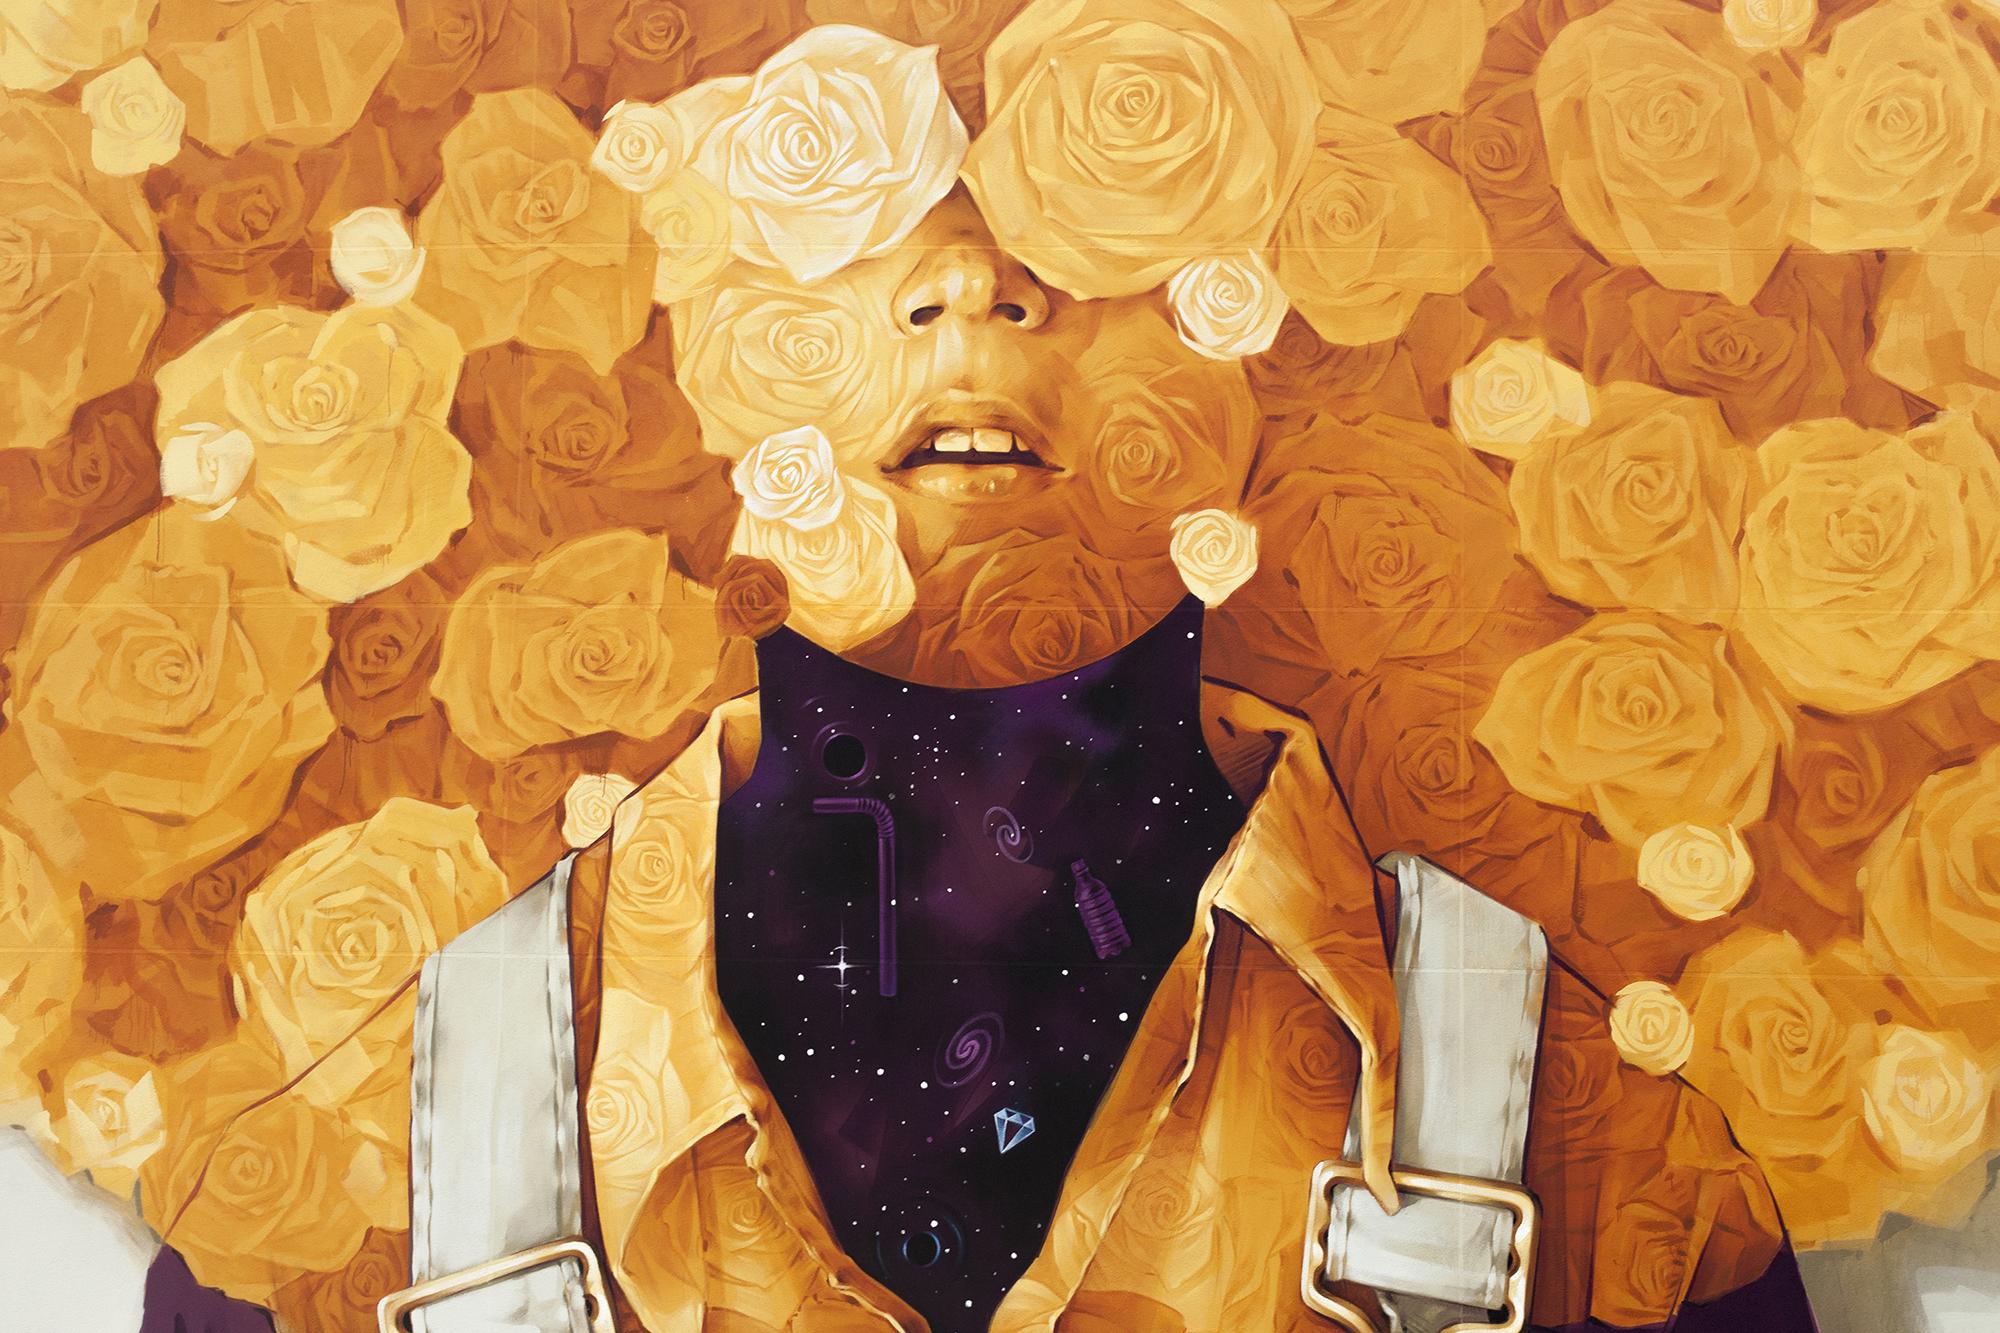 Soleil The New Mural By Inti For Peinture Fraiche Festival